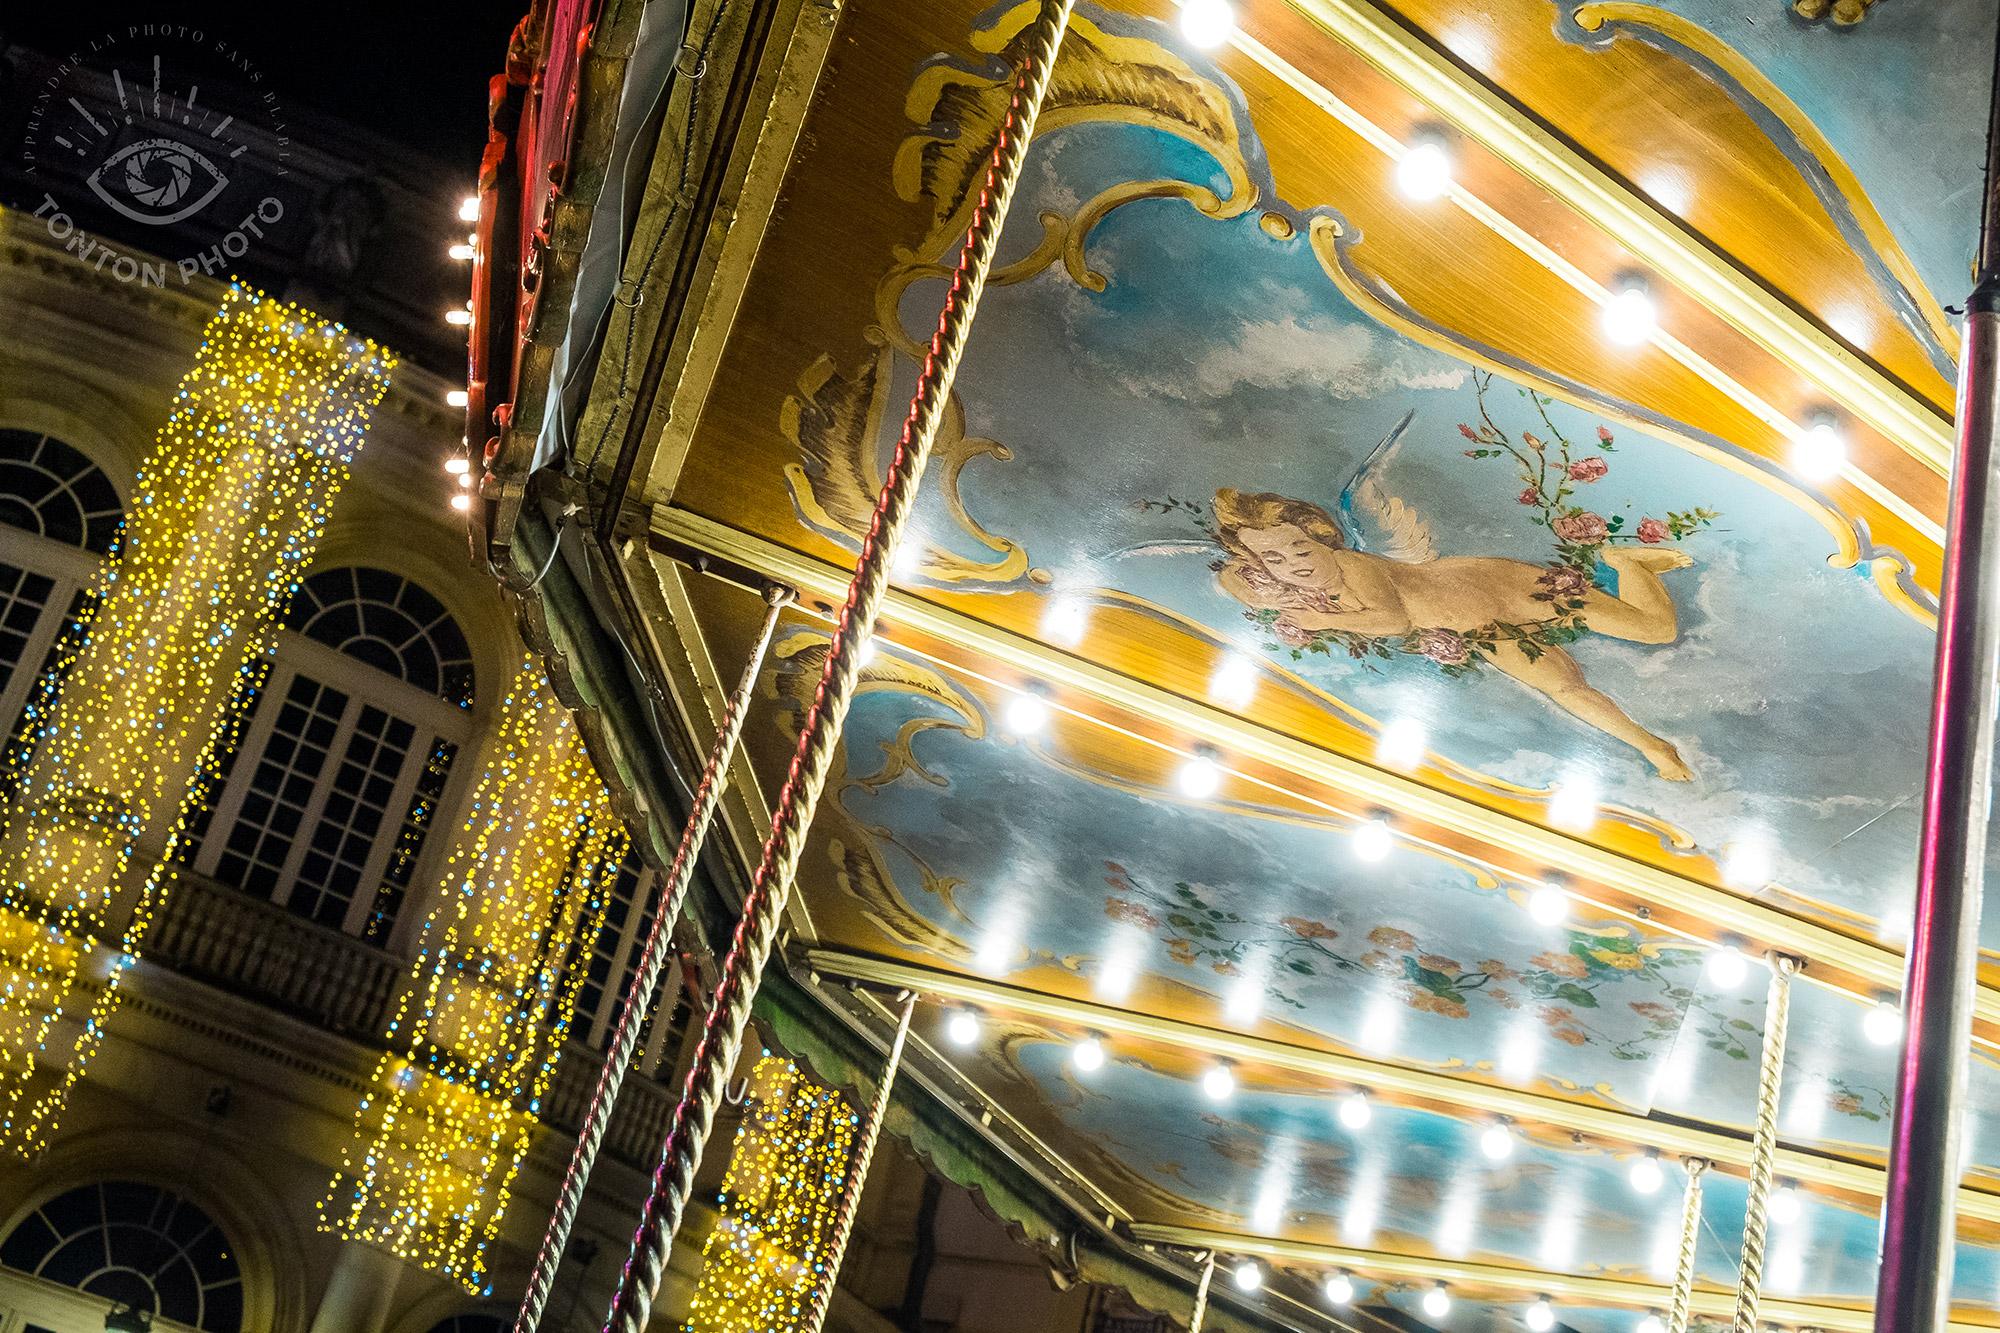 C'est beau une ville la nuit | Comment photographier pendant Noël et les fêtes de fin d'année ? © Clément Racineux / Tonton Photo